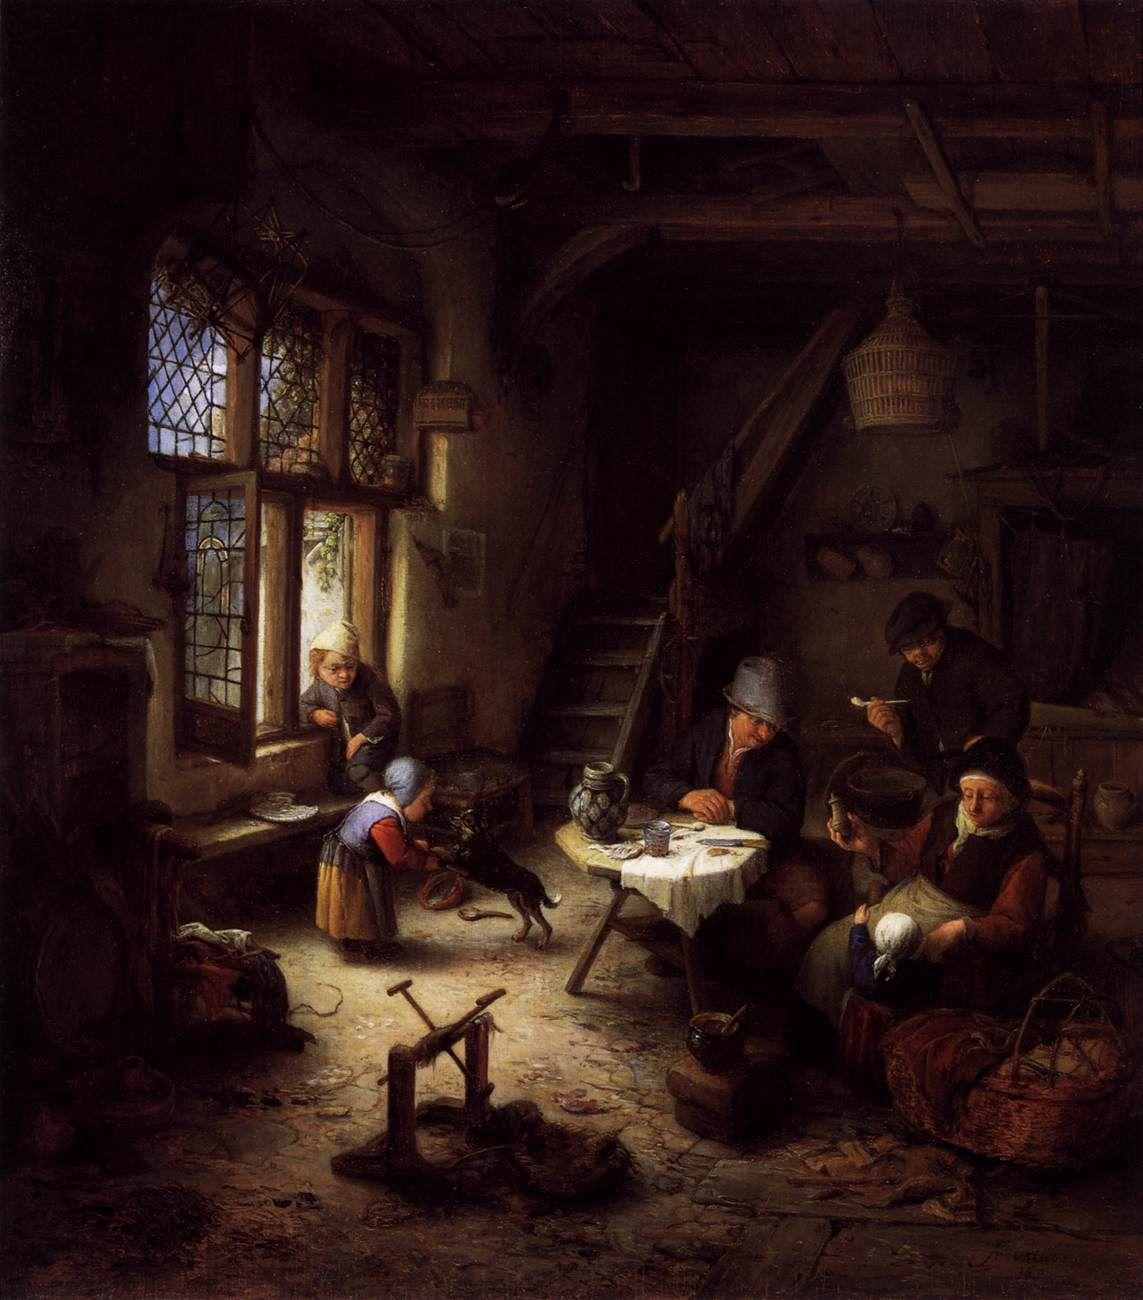 adriaen ostade boerenfamilie in de huiskamer